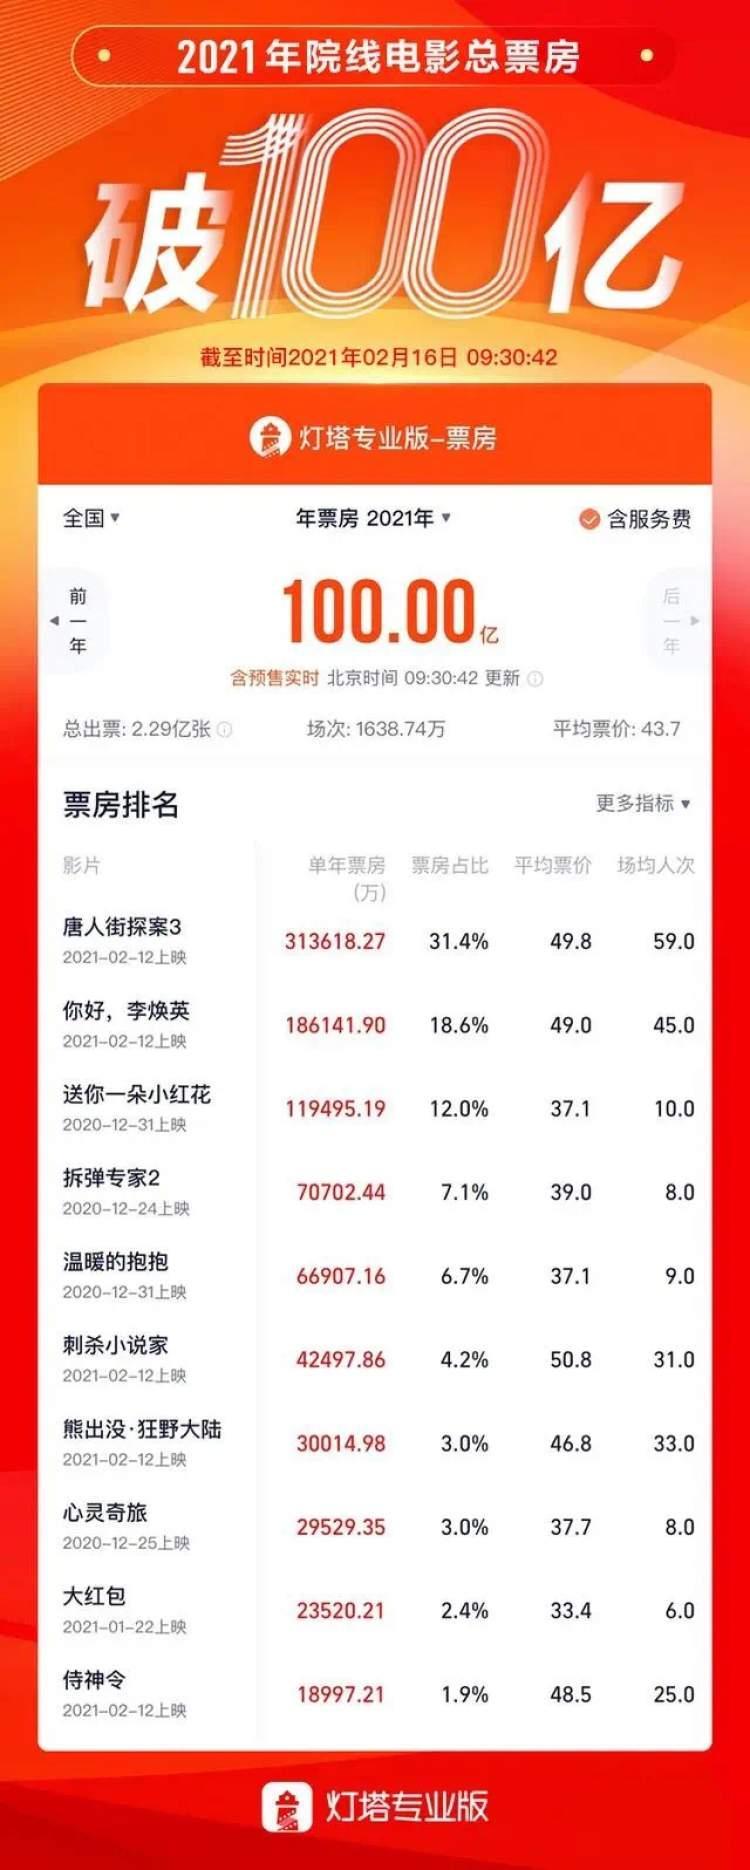 2021年中国电影市场票房突破百亿!春节档的两位获奖者贡献了一半